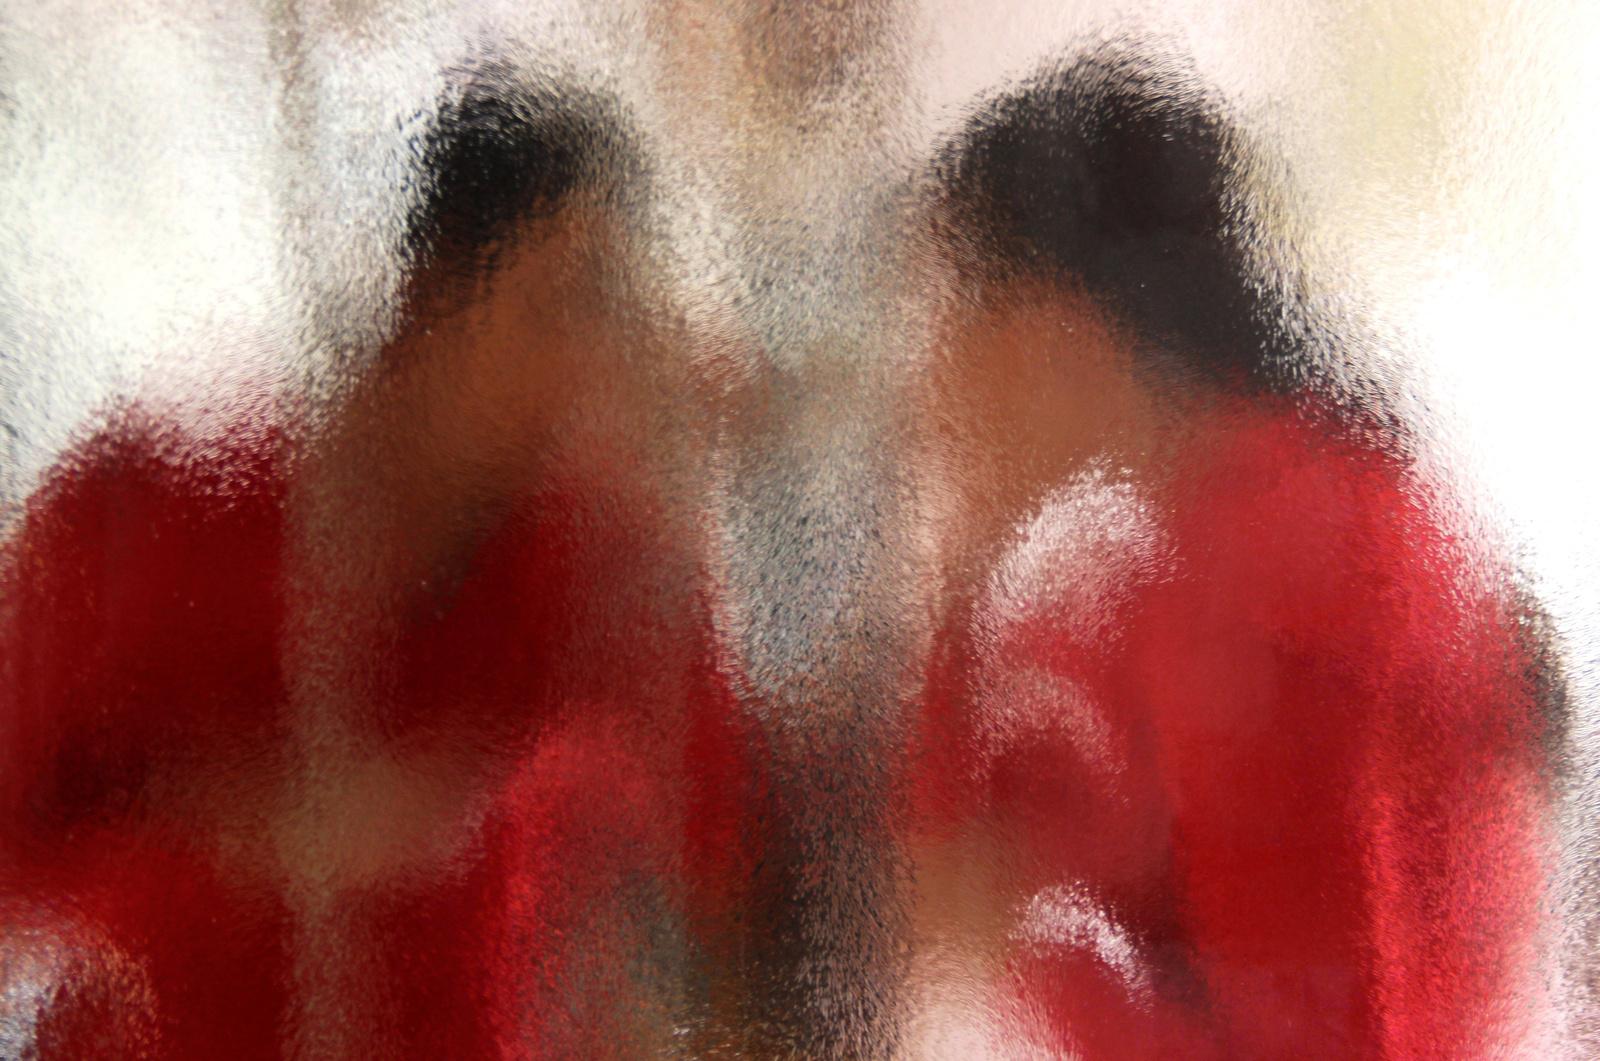 Ajtó mögött, tükör előtt